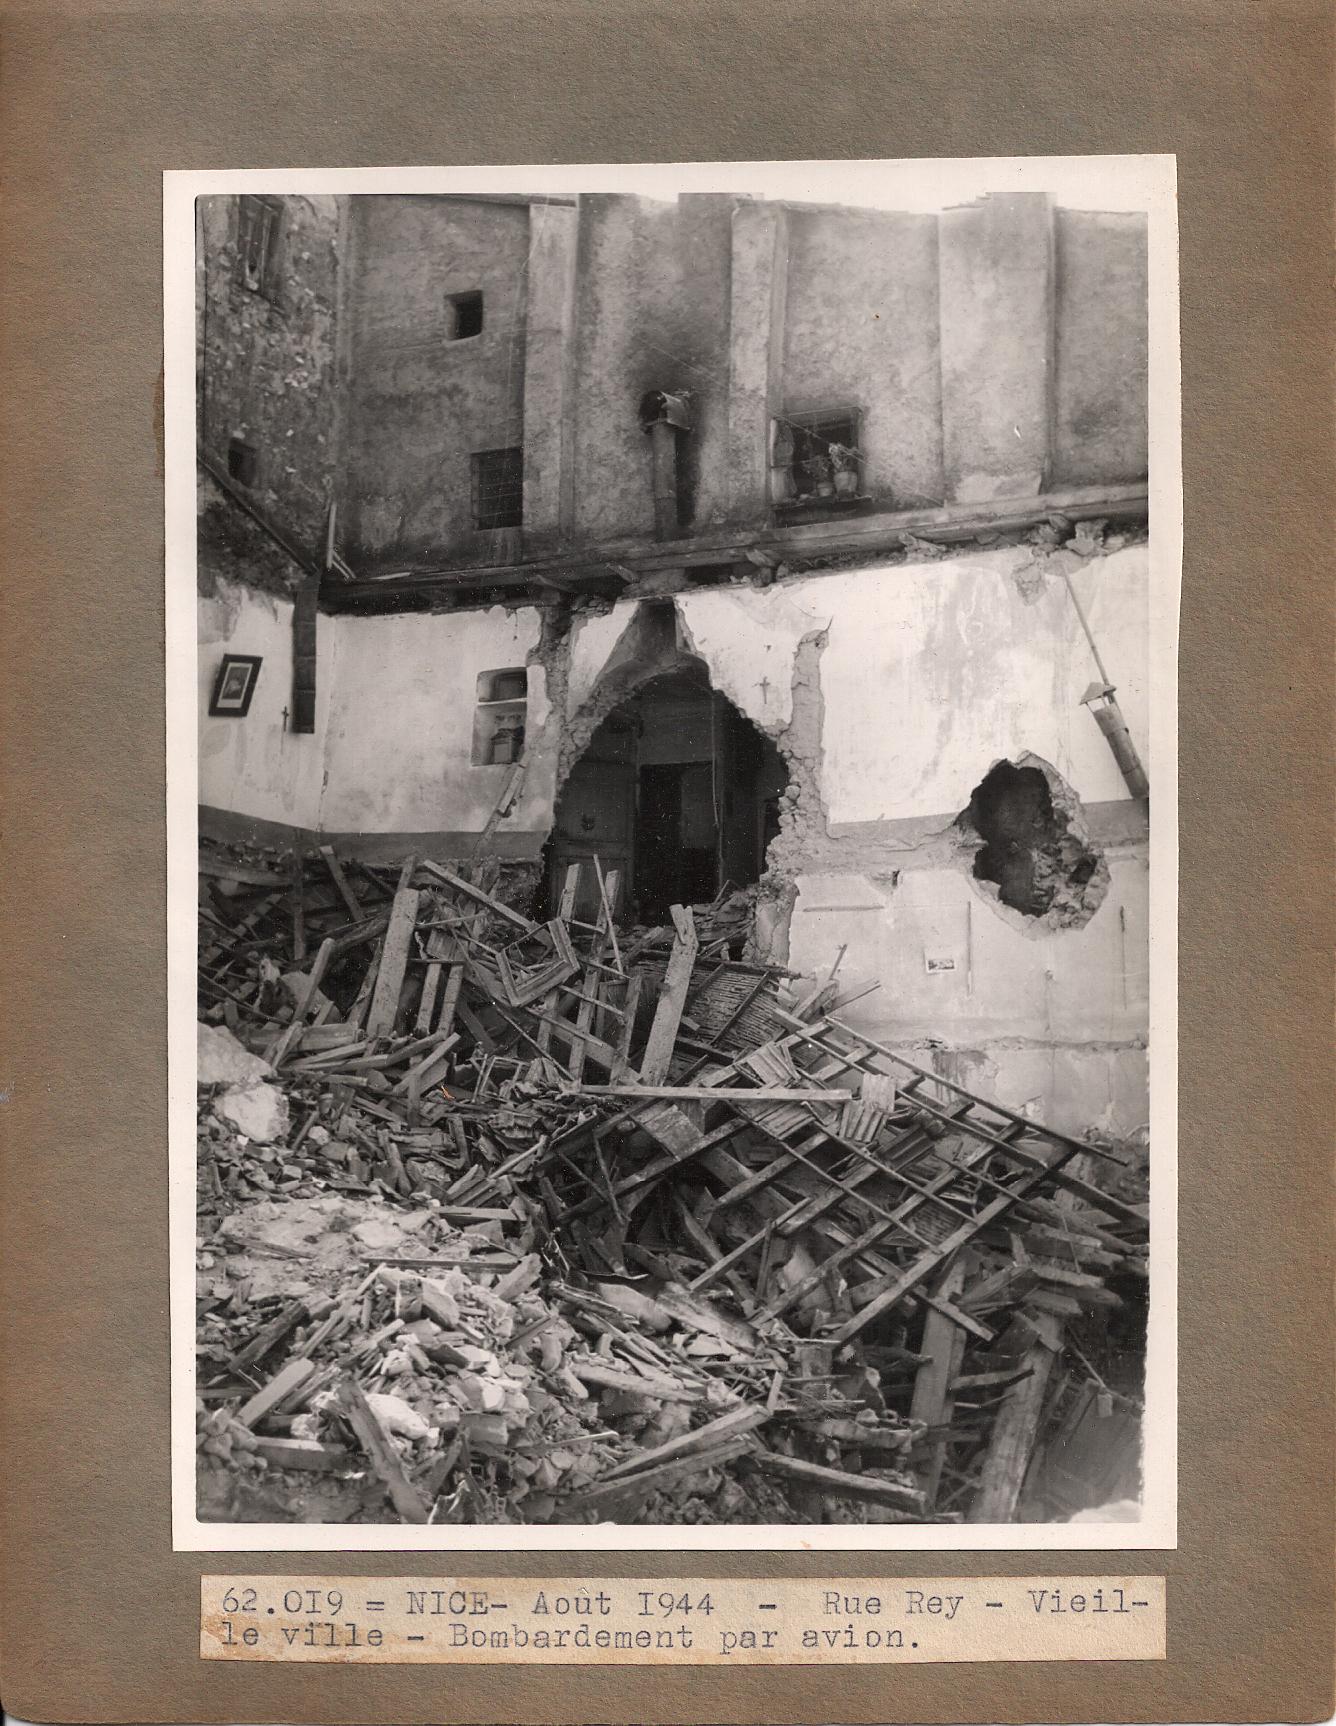 NICE 1944 27